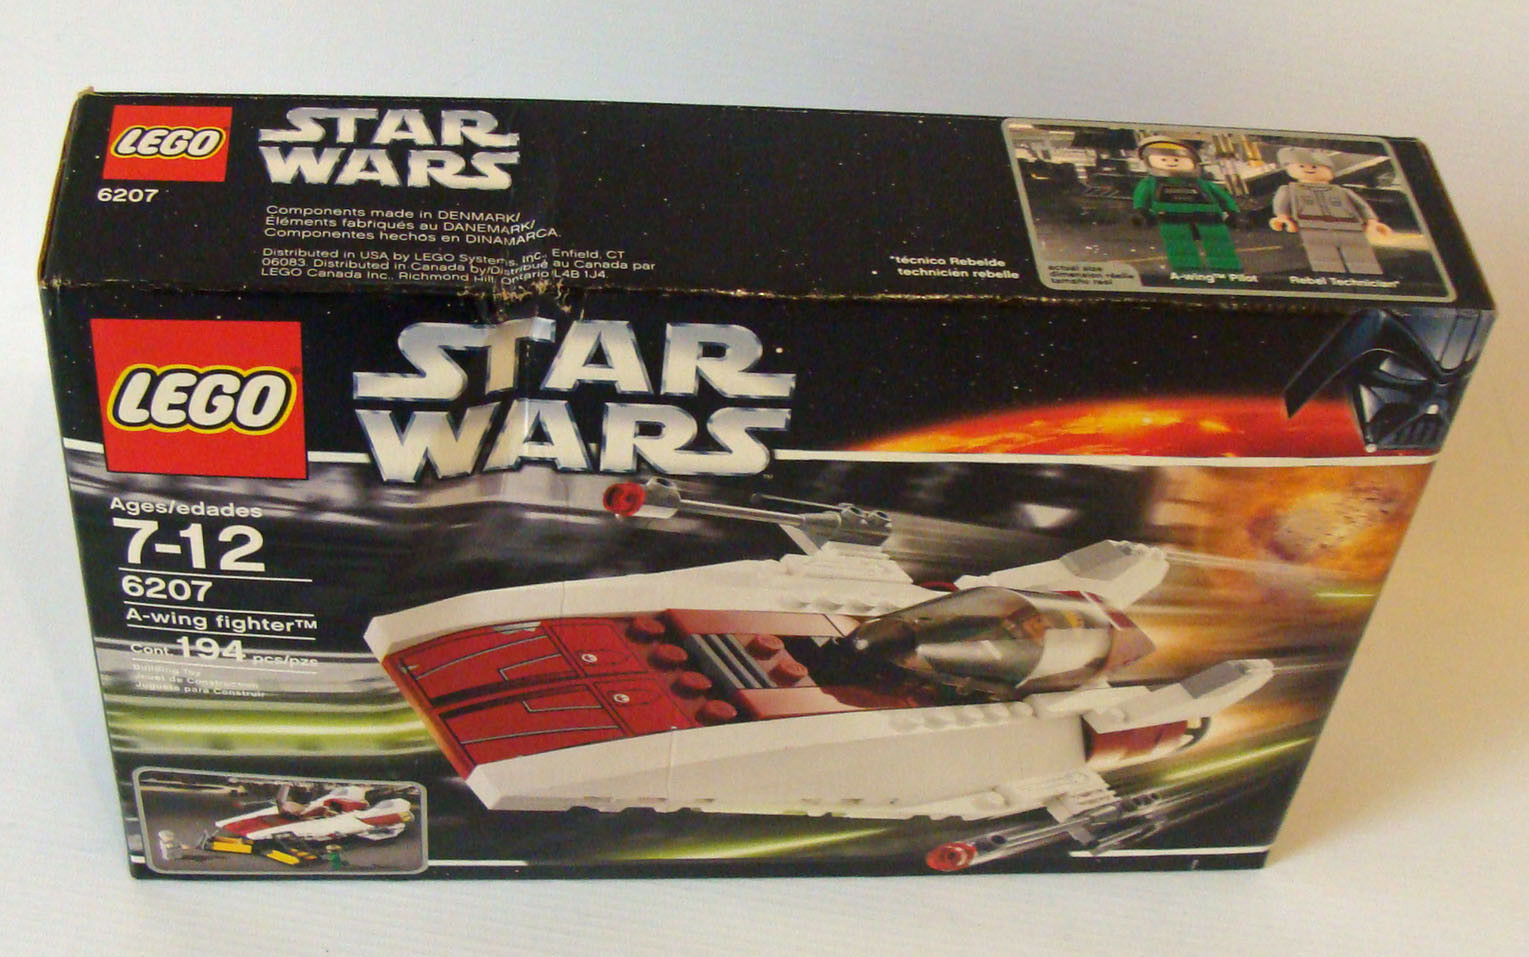 Lego® Star Wars 6207 - A-Wing Fighter 7-12 Jahren 194 Teile - Neu